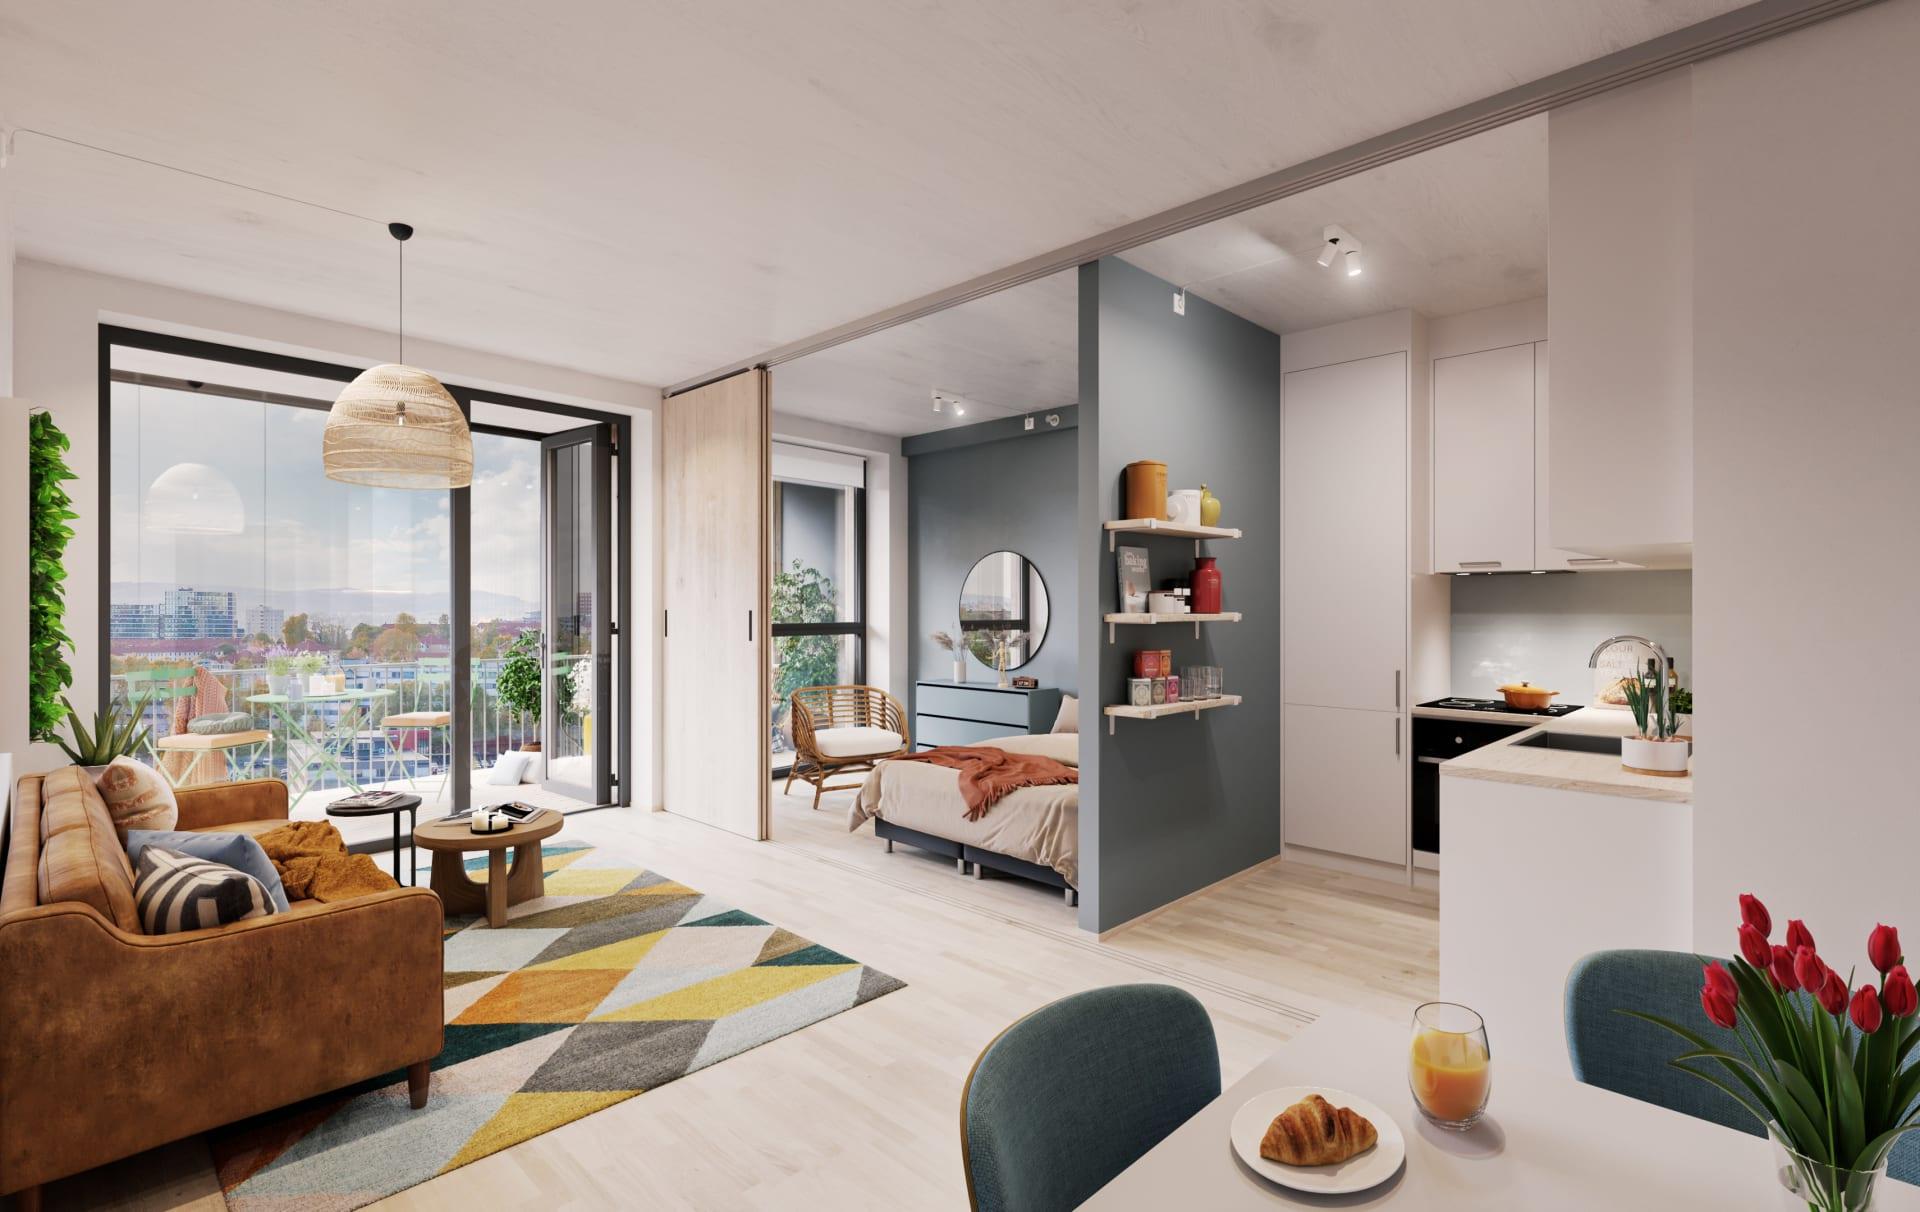 Vanilje: Stue med standard hvitt kjøkken